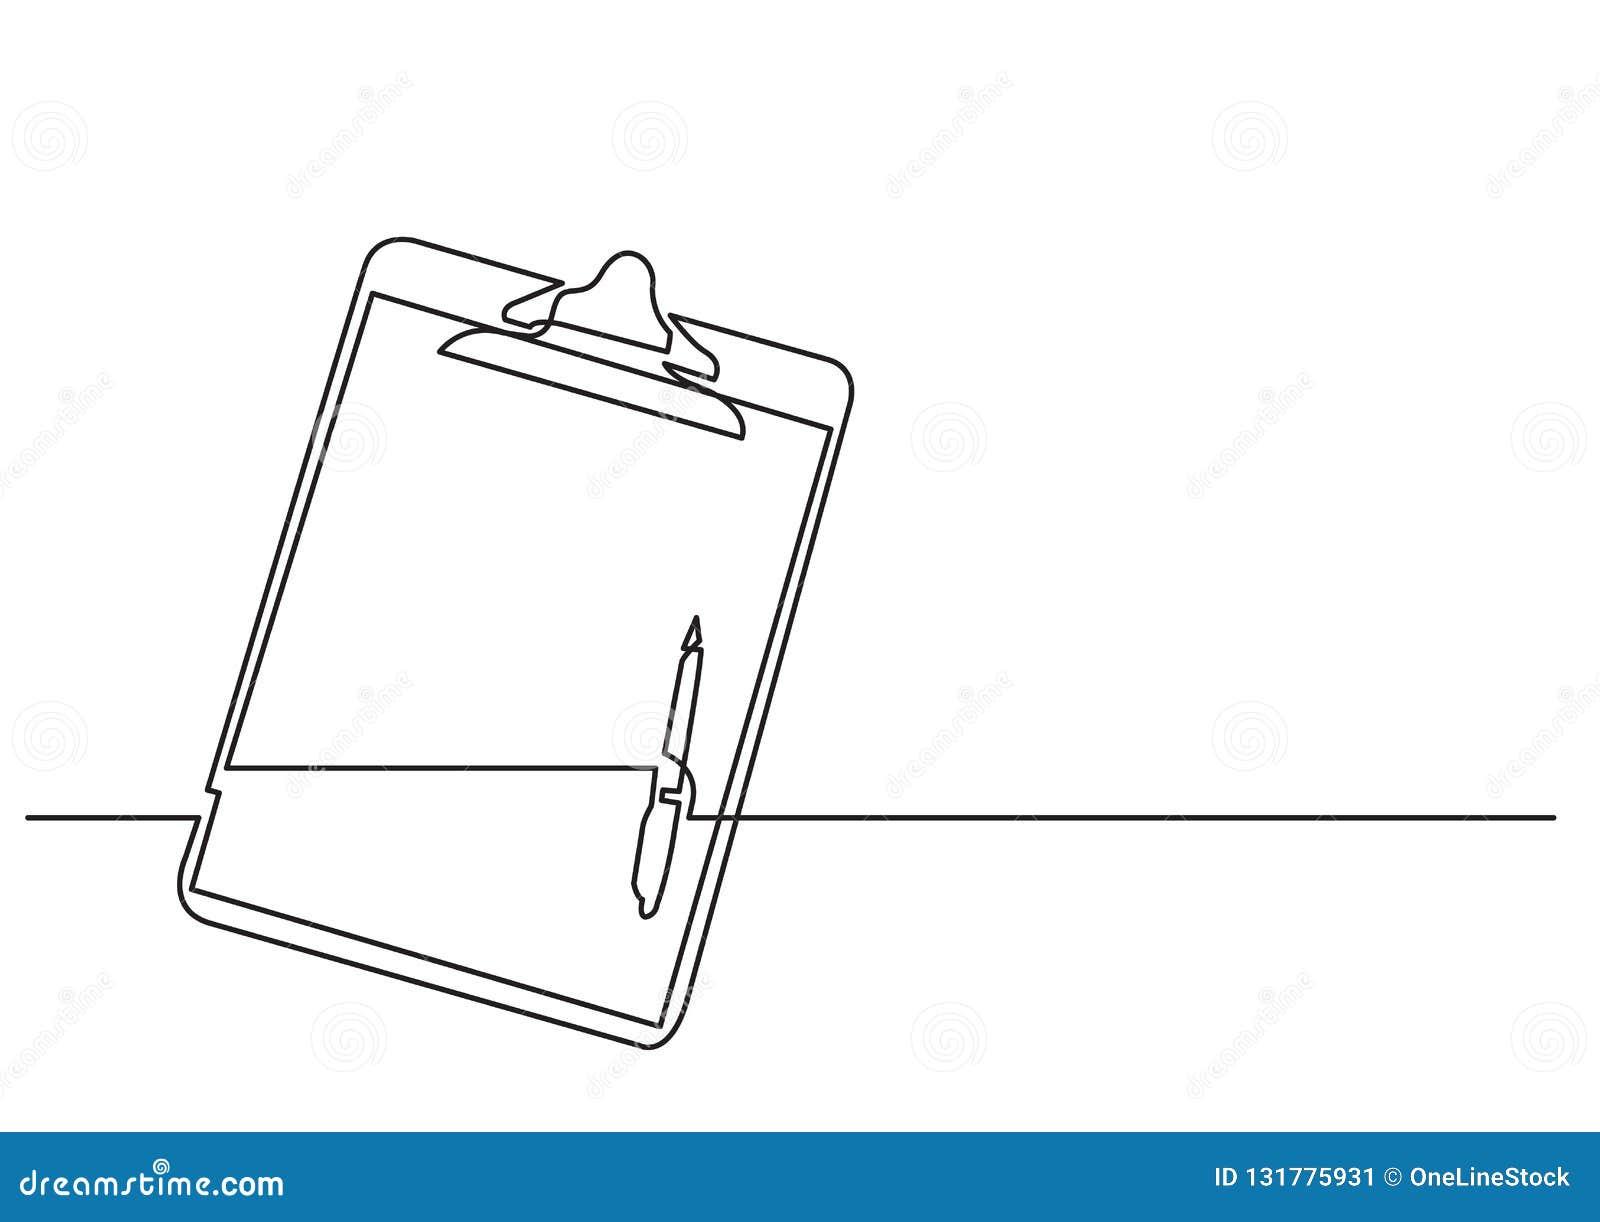 En linje teckning av isolerat vektorobjekt - skrivplatta med pennan